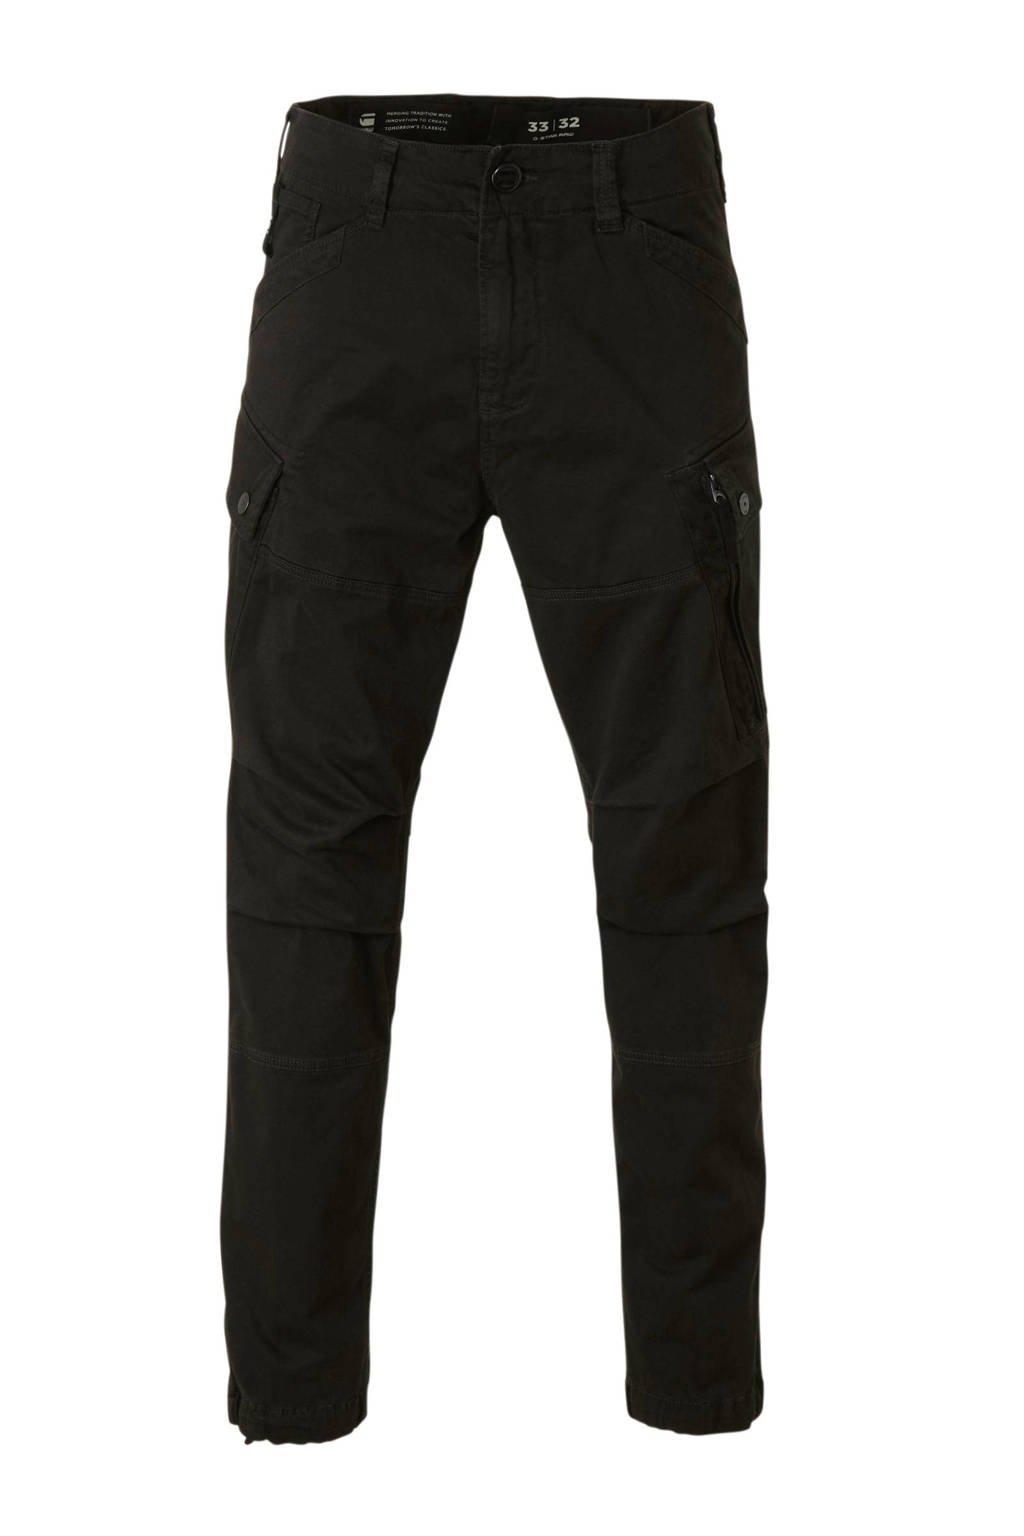 G-Star RAW tapered fit cargobroek zwart, Zwart